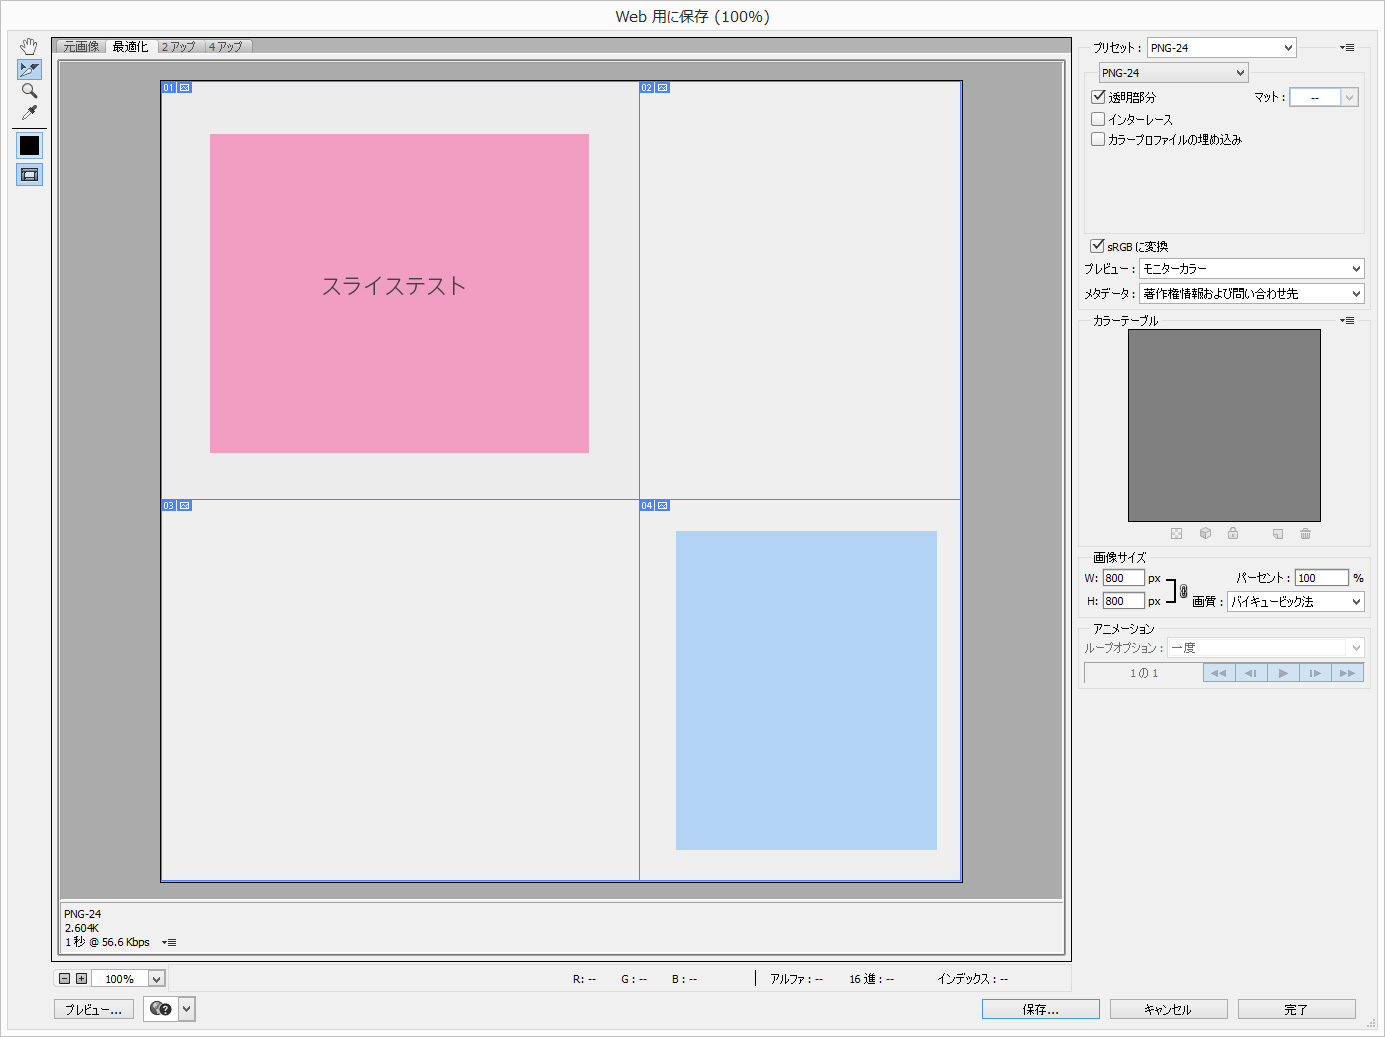 フォトショップのWEB用に保存のファイル形式を全て一括で変更